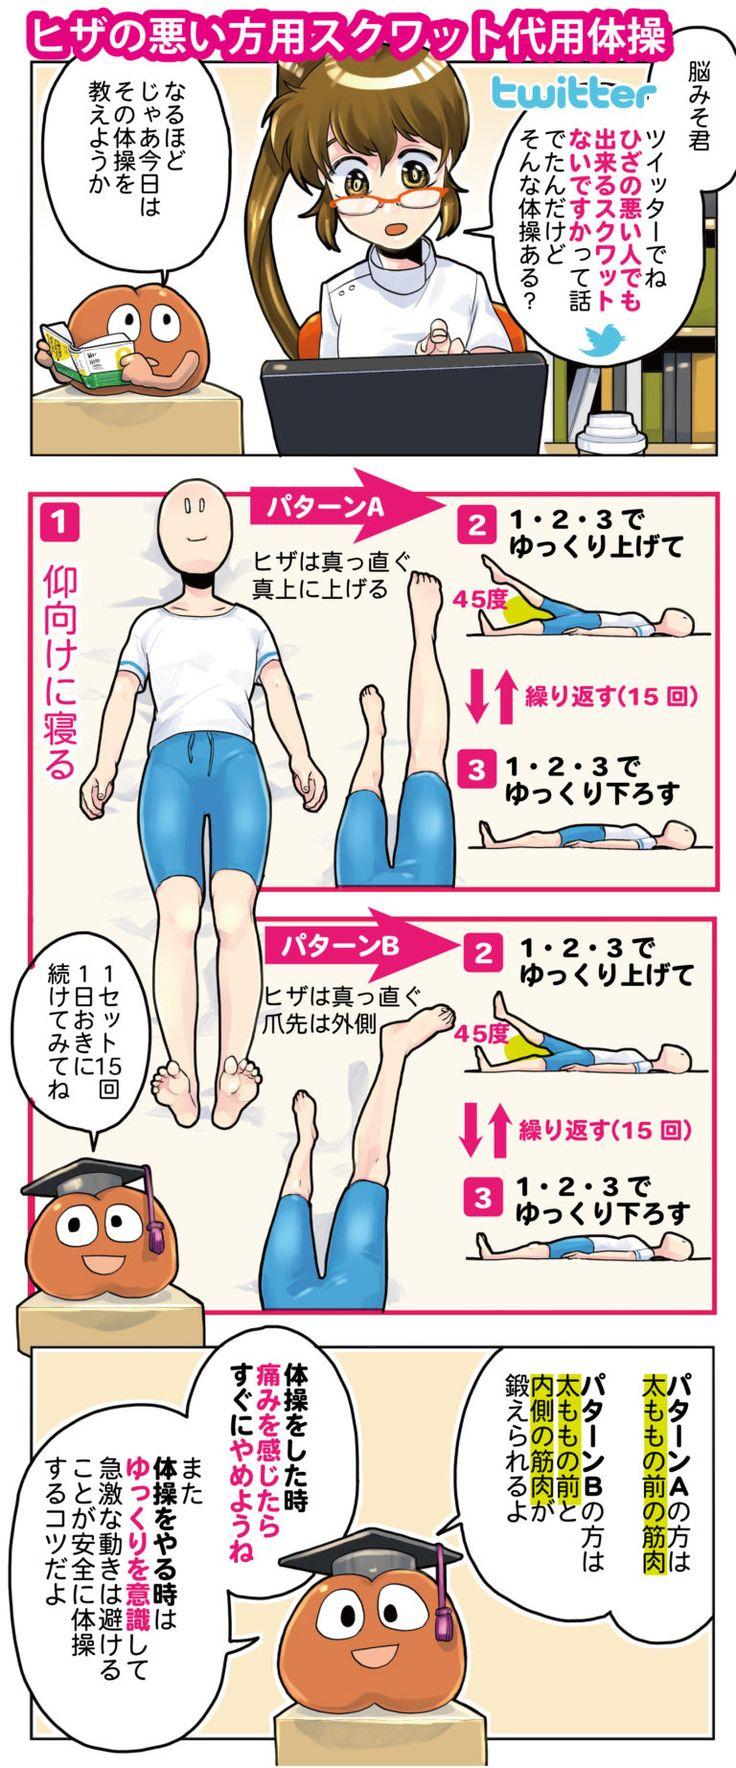 膝が悪い方におすすめ:スクワット代用体操 #膝 #Knee #Health